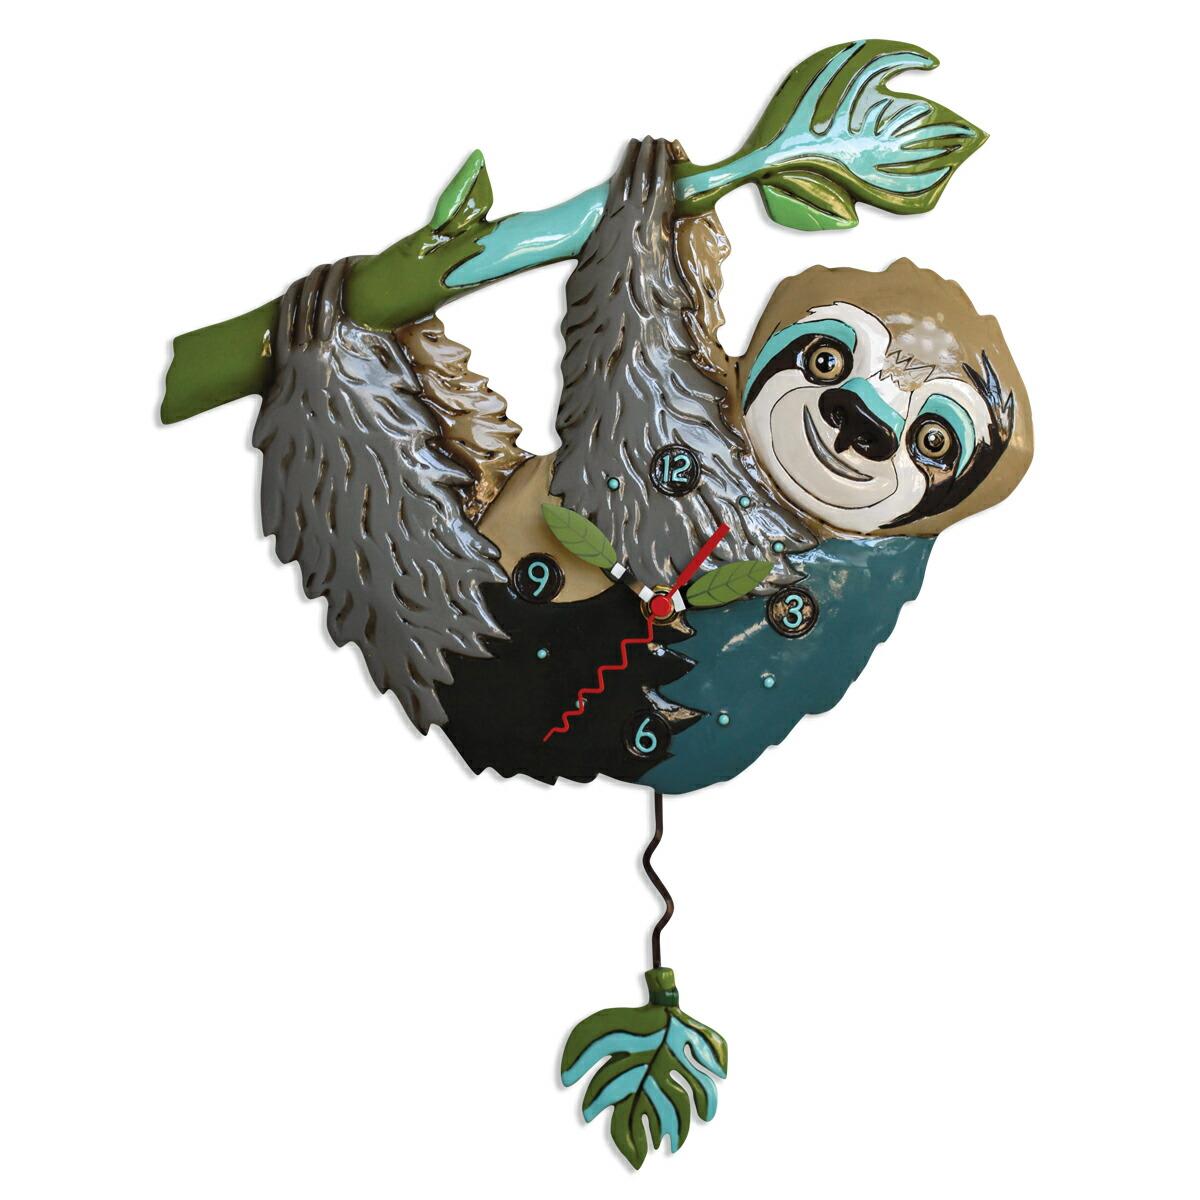 なまけもの アレン デザイン 振り子時計 Allen Designs Slow Poke Sloth Pendulum Clock 掛け時計 P1926 ミシェルアレン ミシェル・アレン アレン・デザイン ALLEN DESIGNS 時計 送料無料 【並行輸入品】